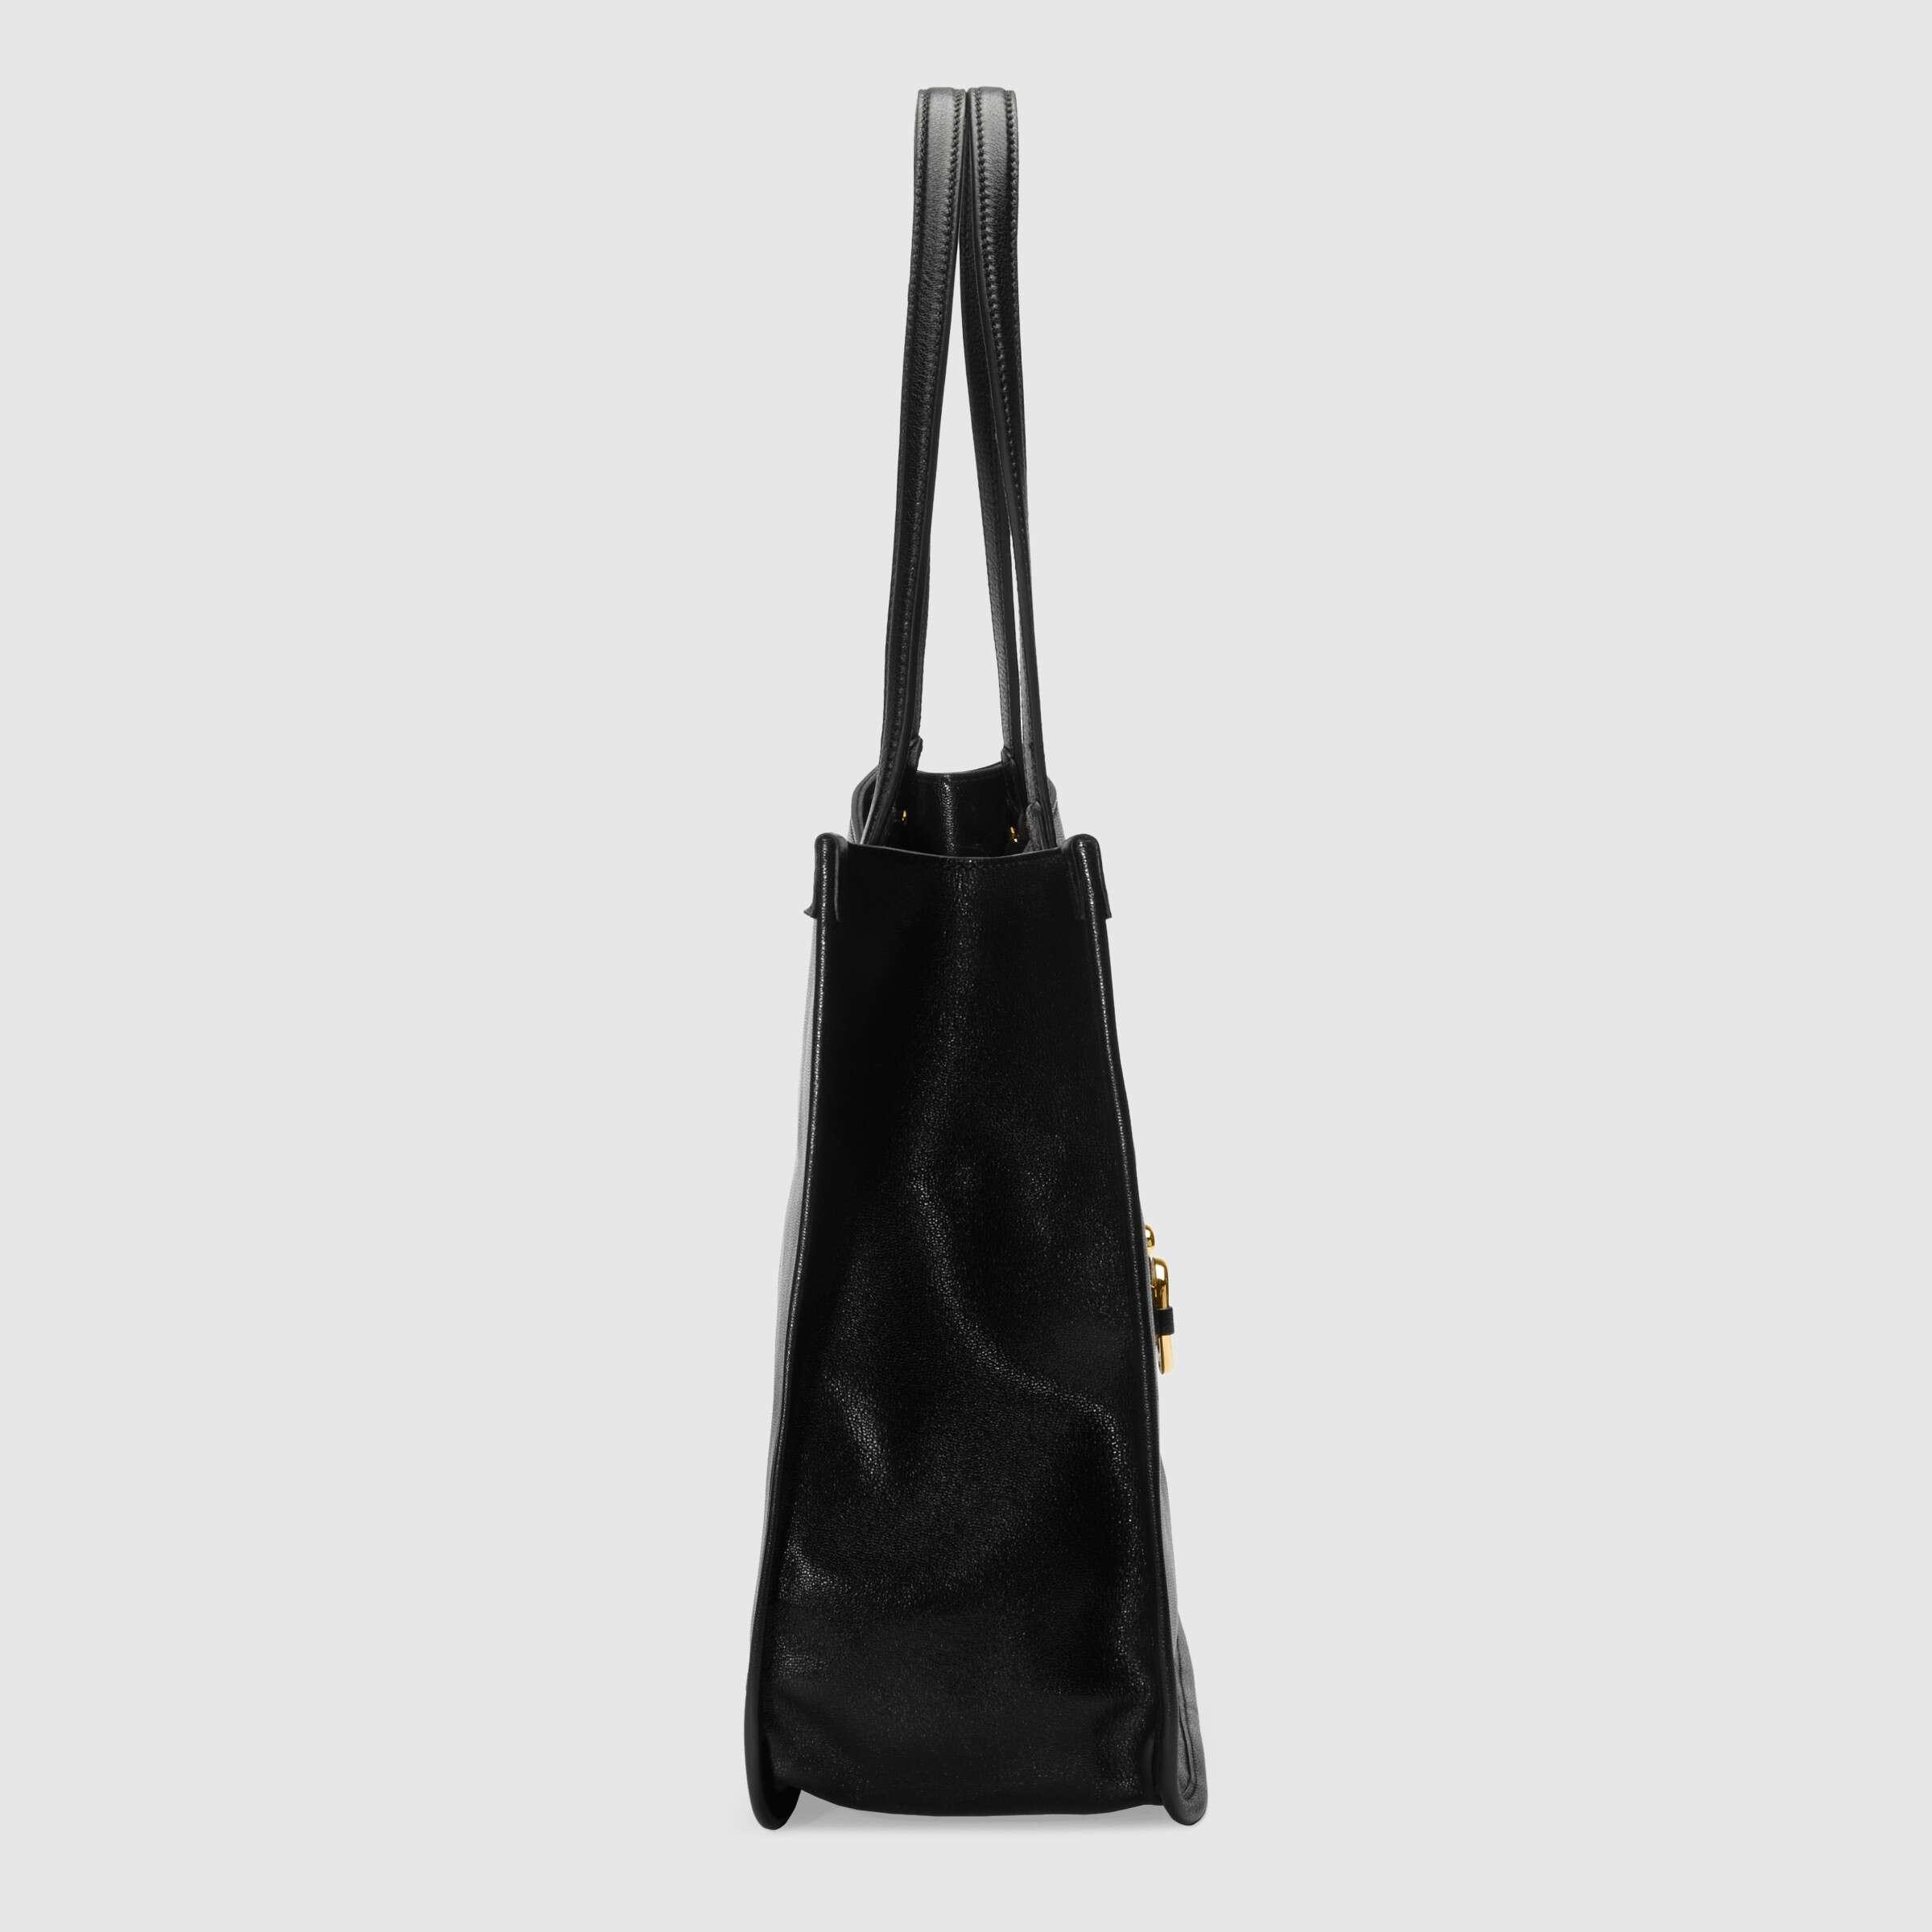 유럽직배송 구찌 토트백 GUCCI 1955 Horsebit tote bag 6236941U10G1000